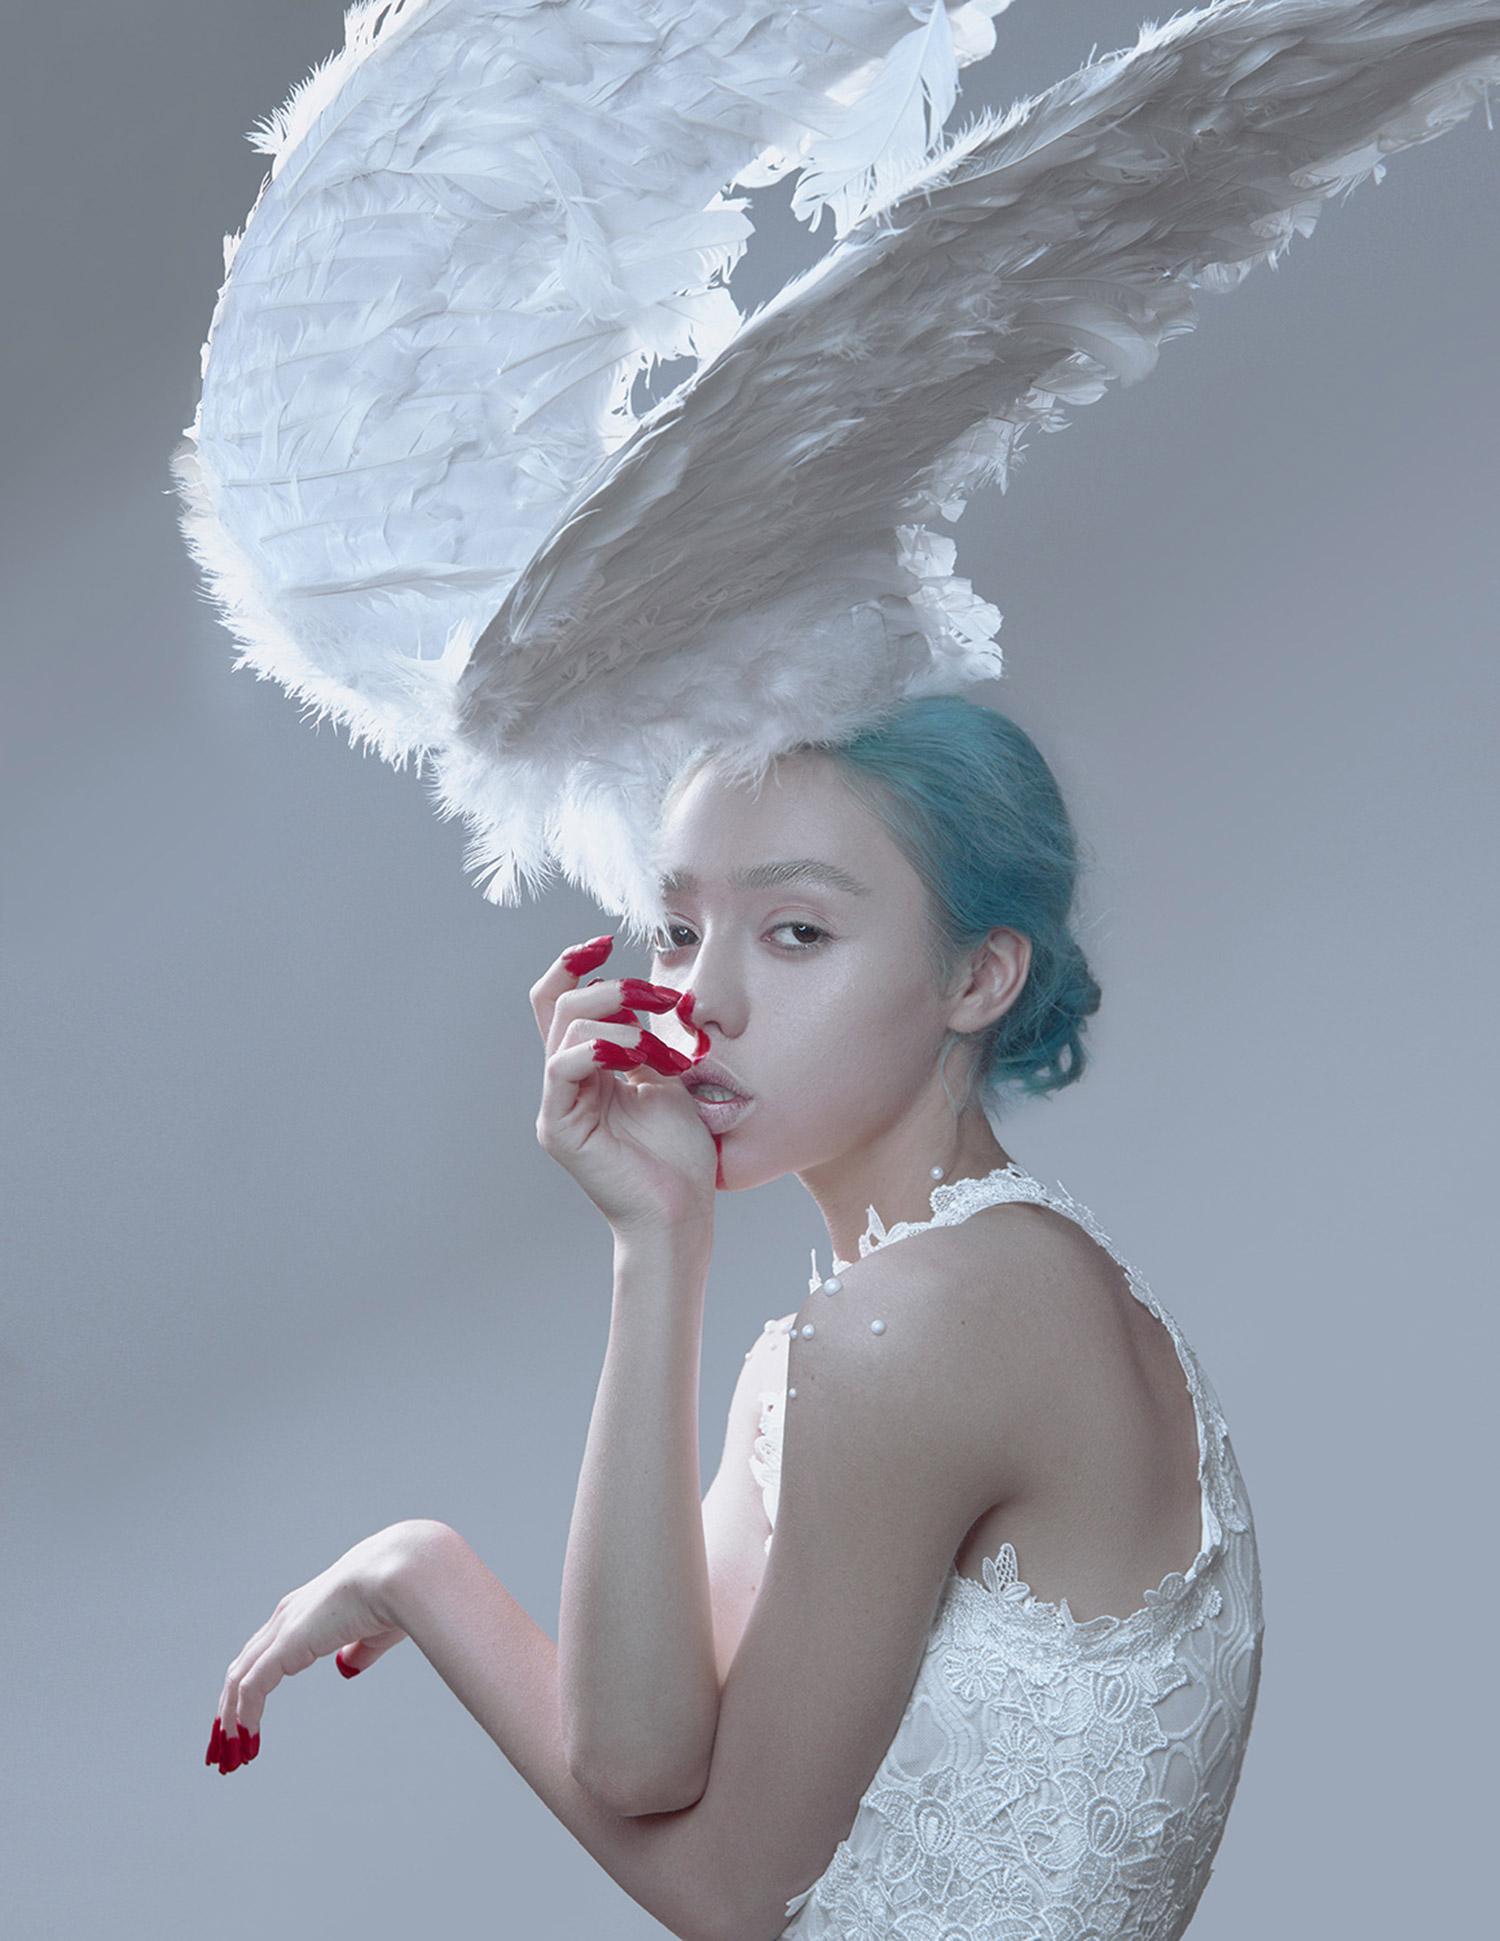 Ilona D. Veresk - Moonlight - wings